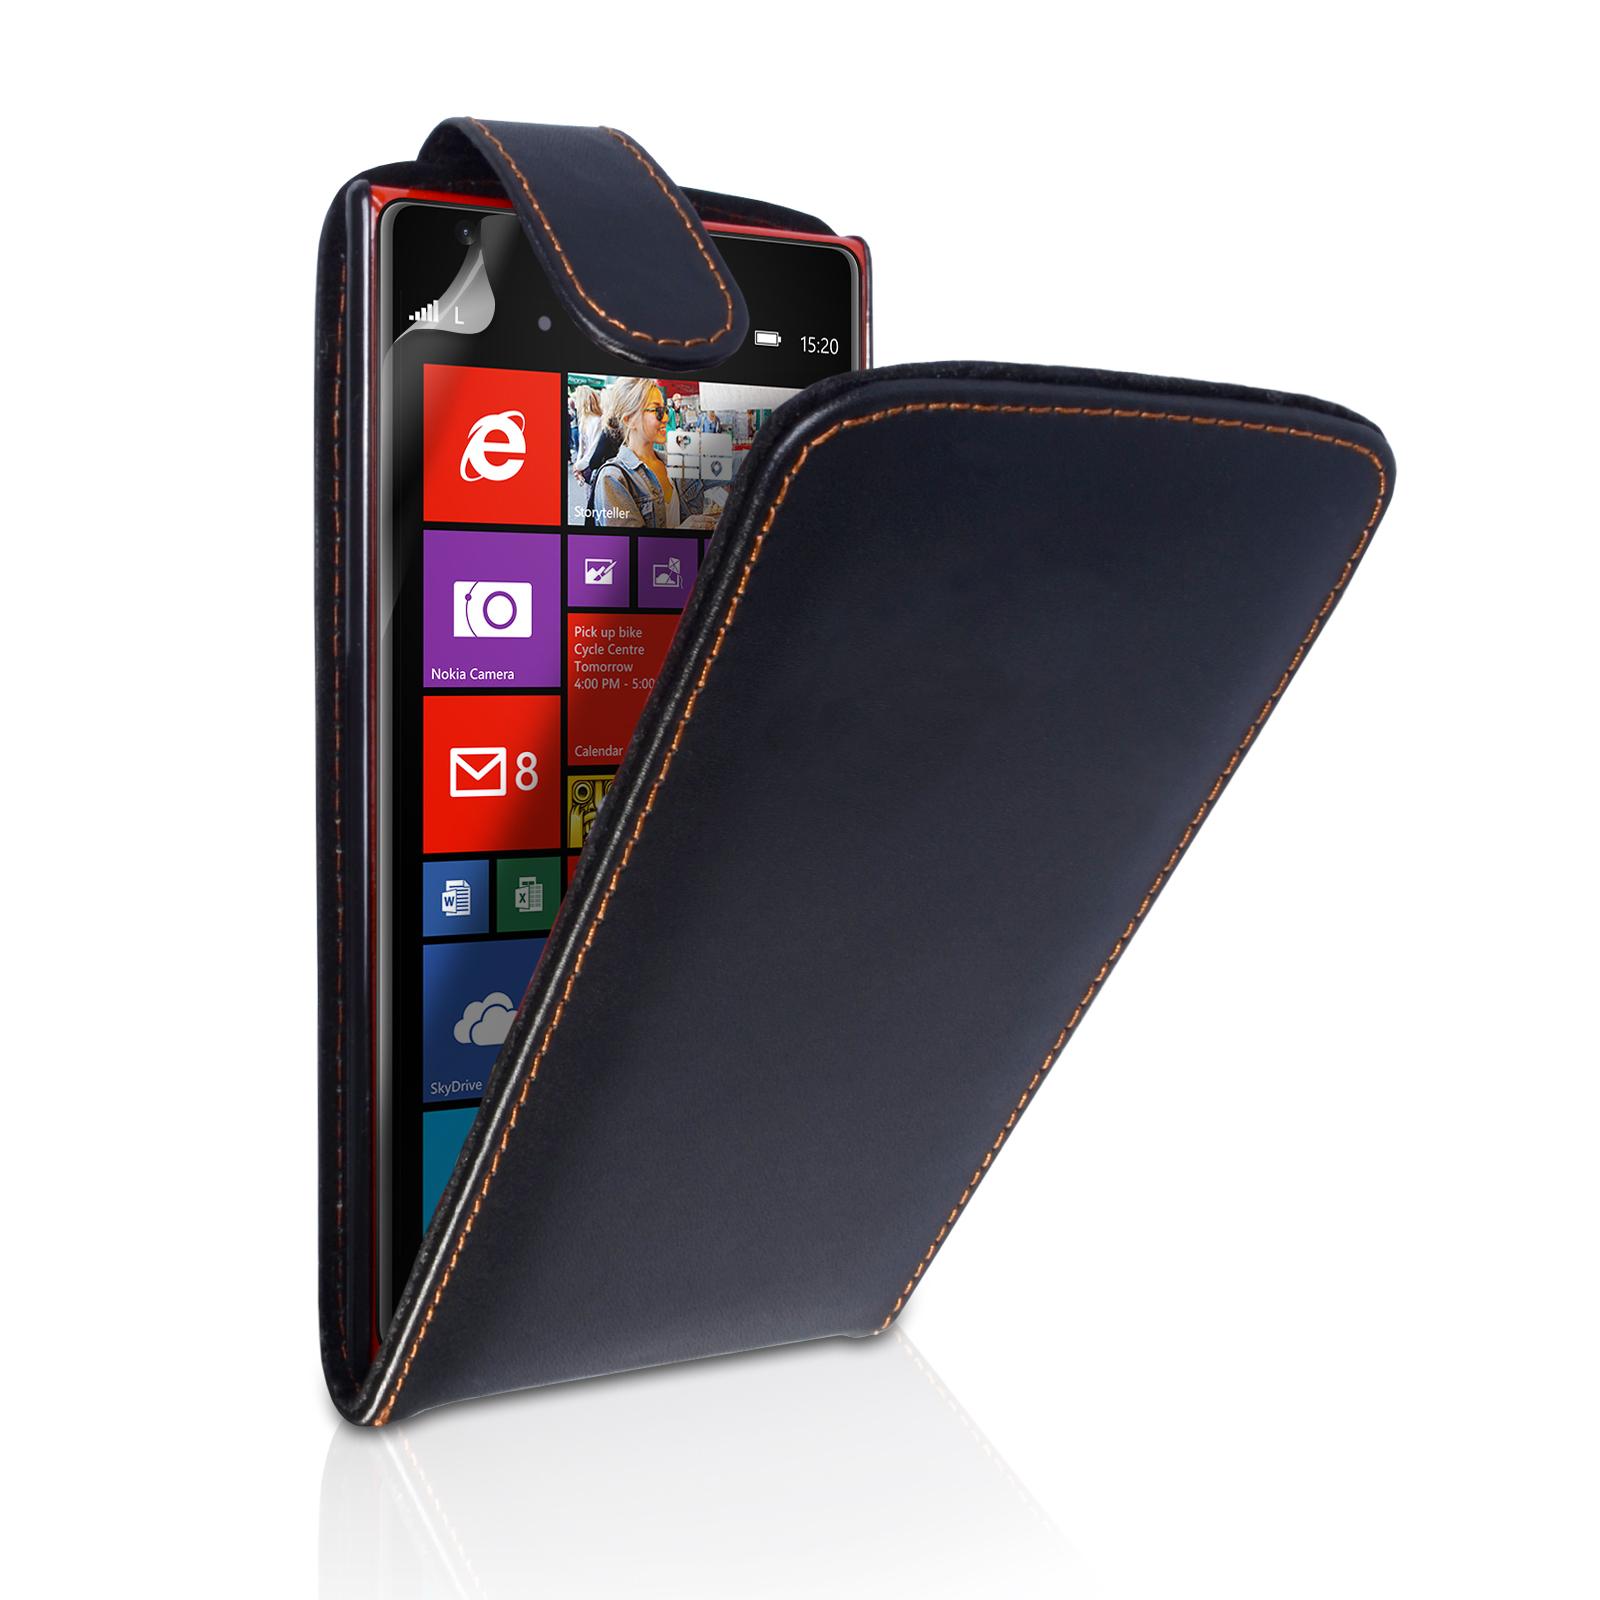 Flip Θήκη Nokia Lumia 1520 by YouSave (Z629LM)